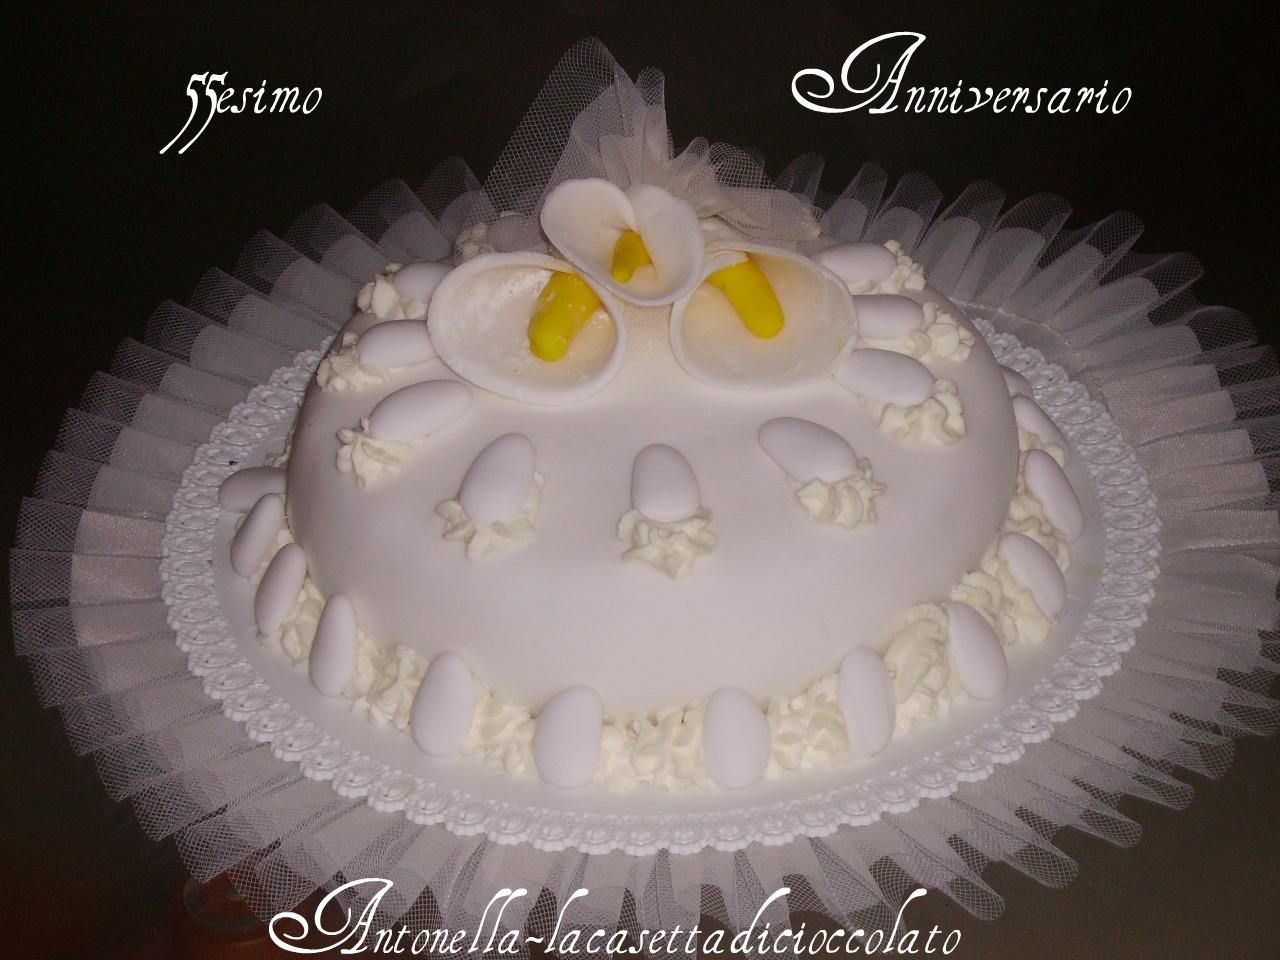 Eccezionale la casetta di cioccolato: torta 55esimo anniversario di matrimonio SK78